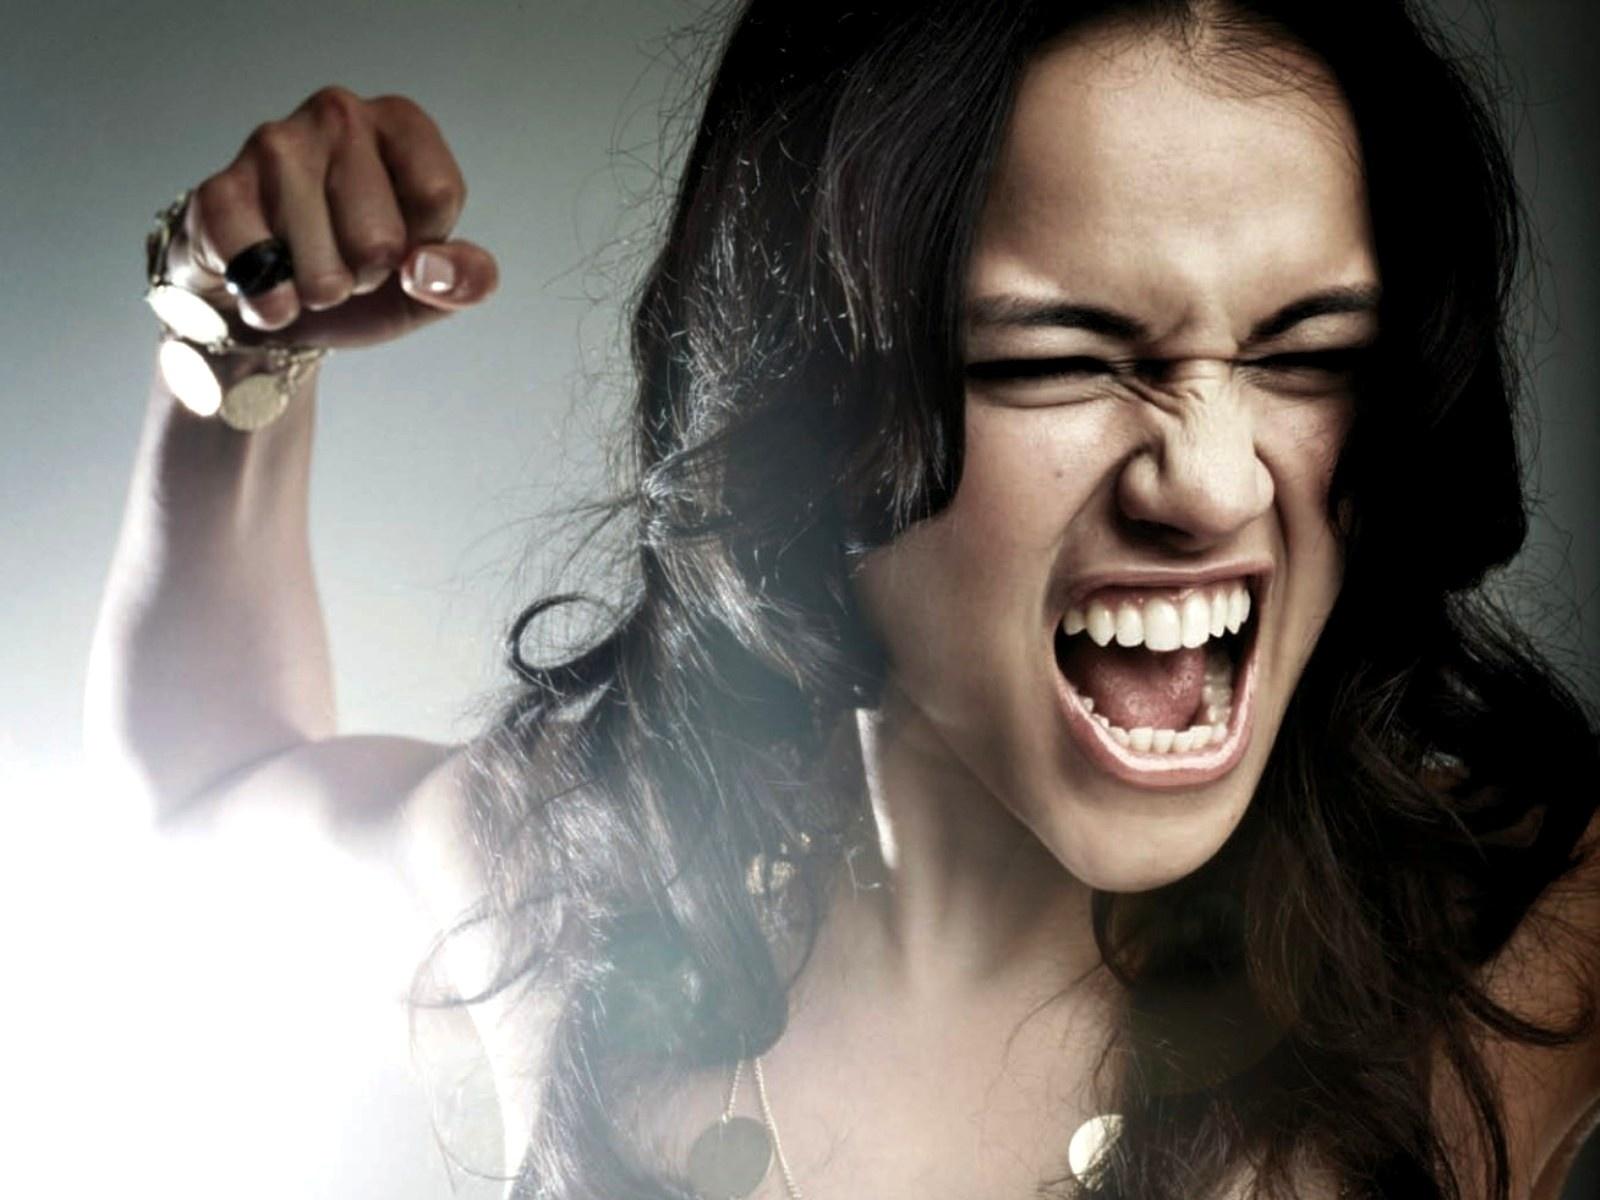 Злость - это что такое и как с ней справиться?